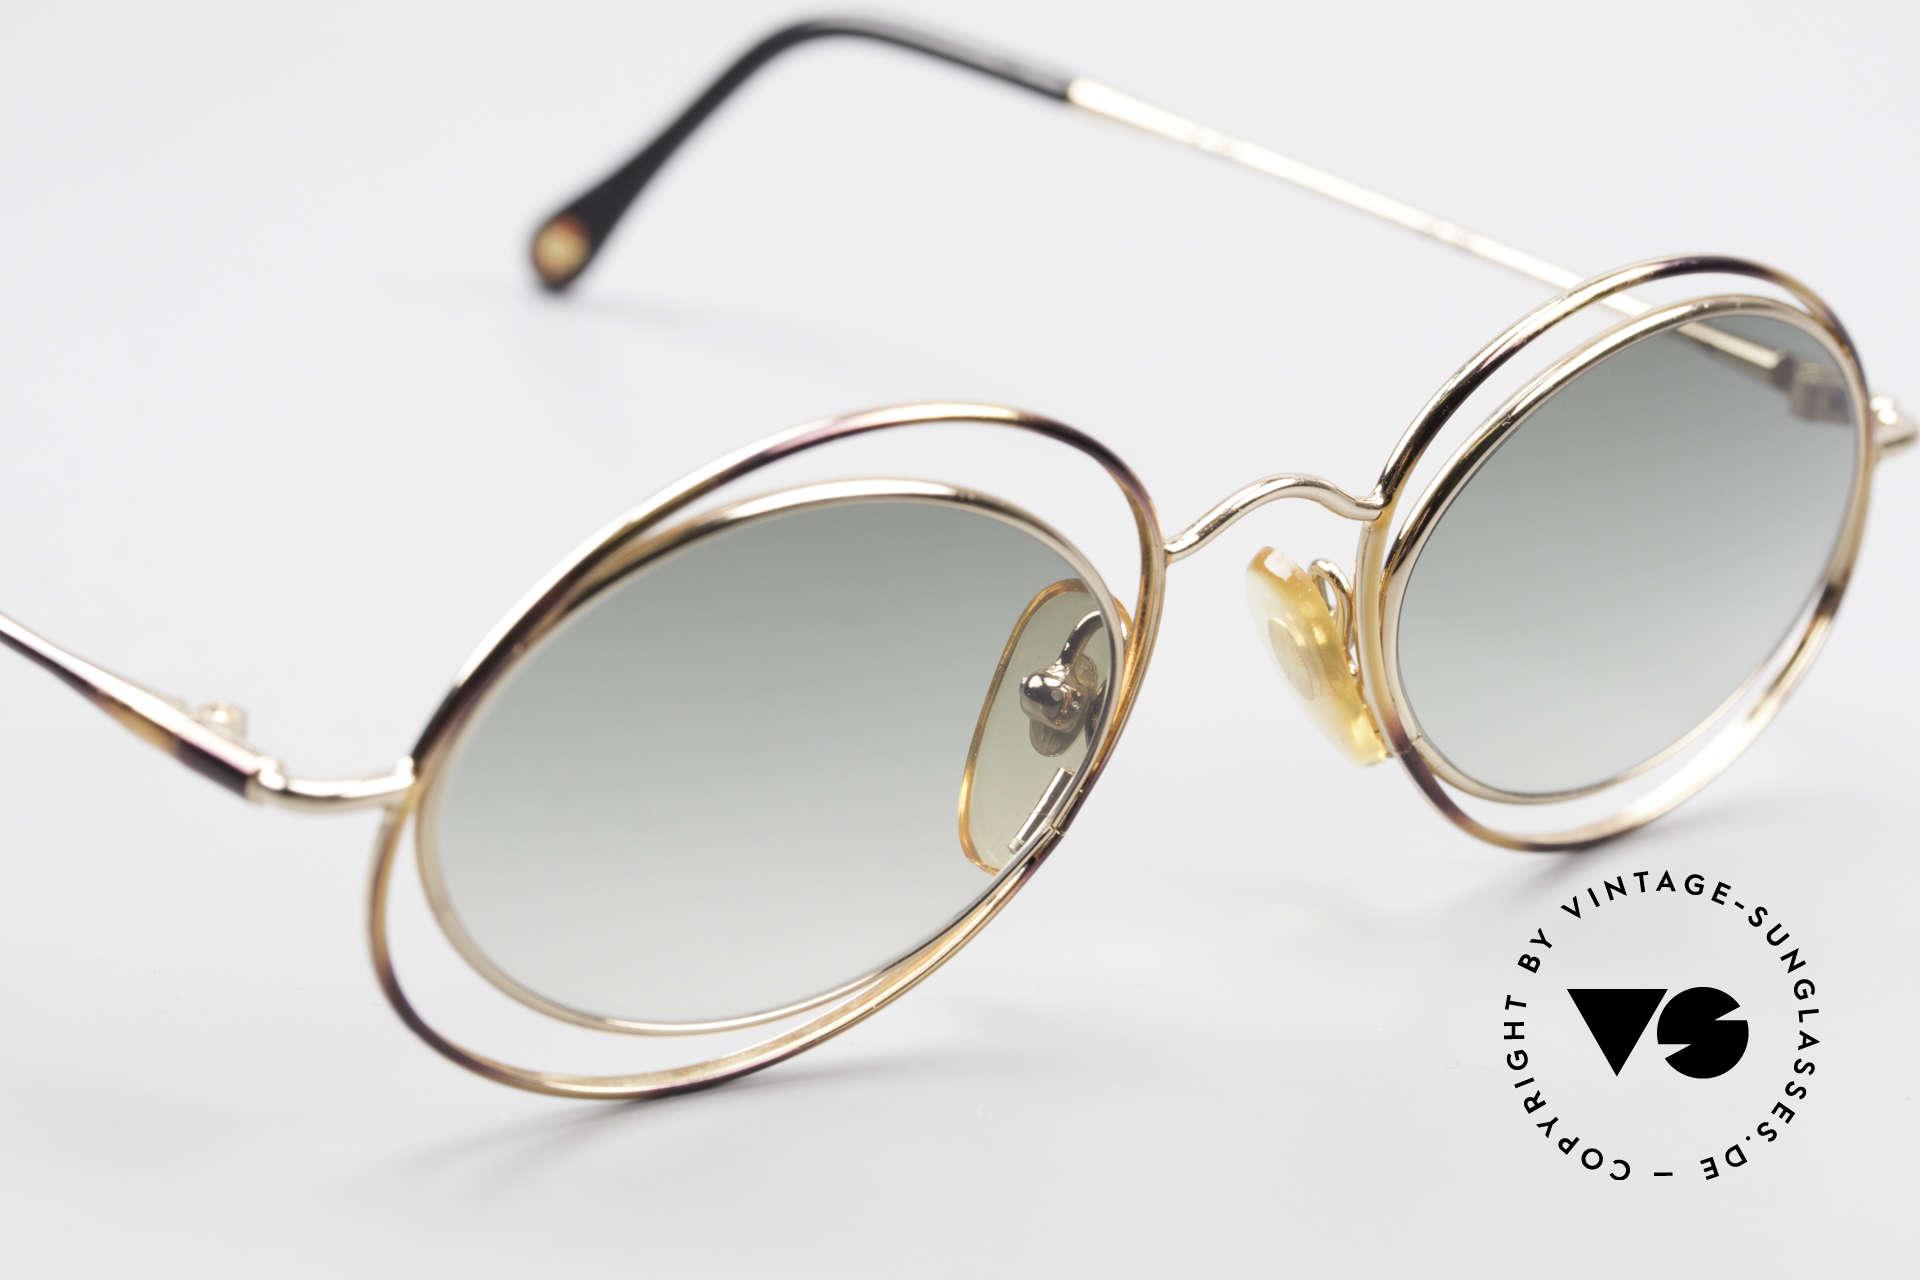 Casanova LC16 Zauberhafte Sonnenbrille, ungetragen; wie alle unsere kunstvollen vintage Modelle, Passend für Damen